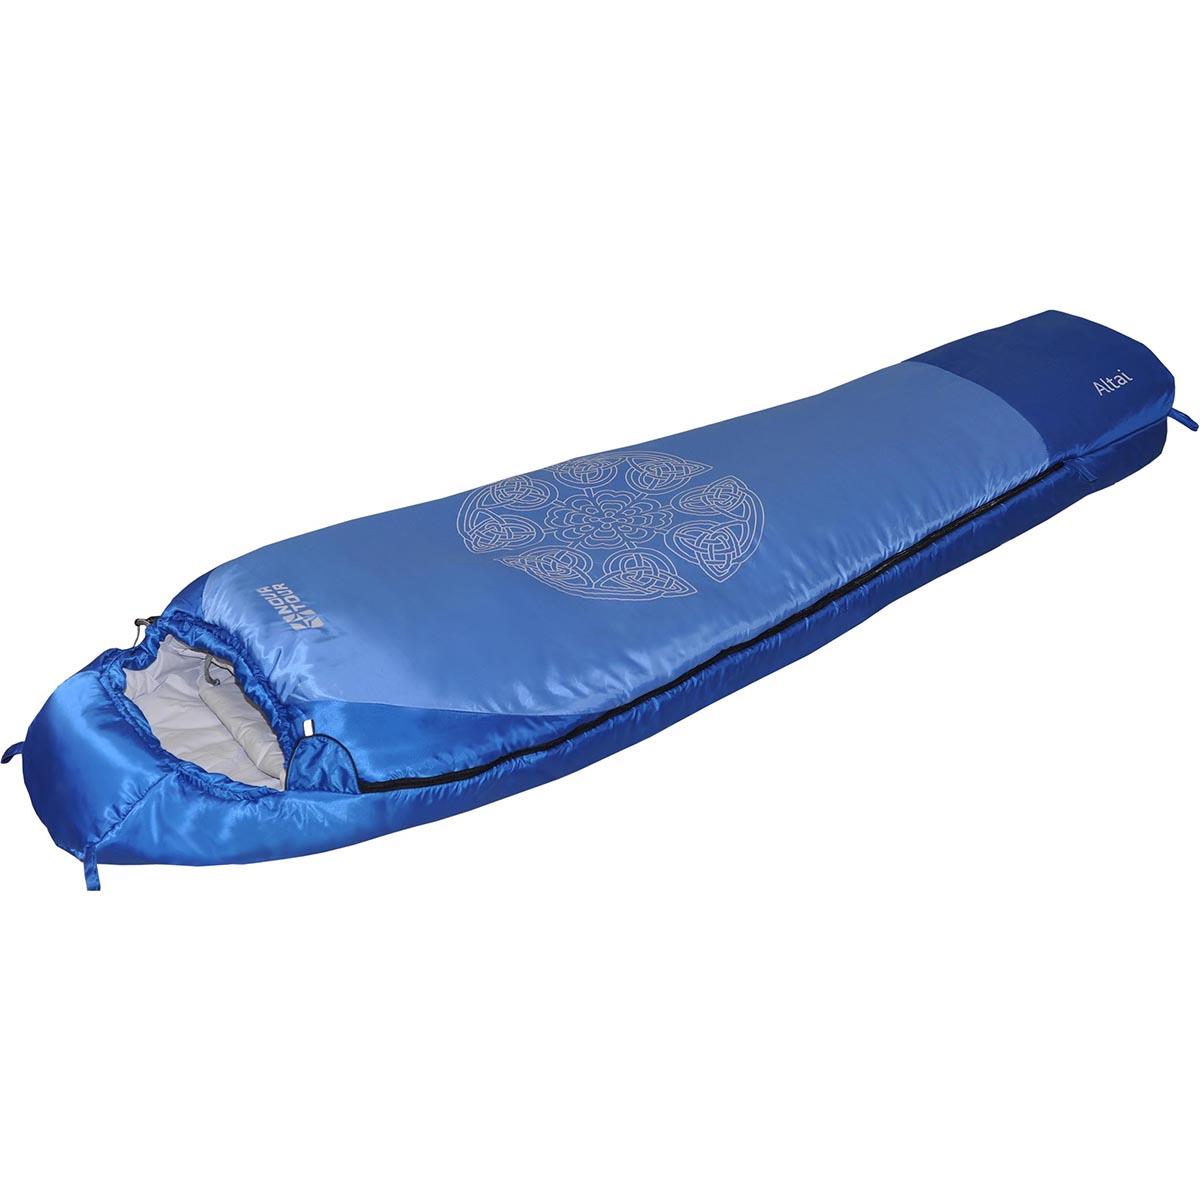 Мешок спальный NOVA TOUR Алтай -10 V2, цвет: синий, белый, левосторонняя молния95423-407-LeftСпальный мешок NOVA TOUR Алтай -10 V2 имеет конструкцию кокон с синтетическим наполнителем. Оснащен утепленным утягивающимся капюшоном и шейным воротником, двухзамковой молнией, позволяющей состегнуть два спальника левого и правого исполнения в один двойной. Мешок выполнен из высококачественного полиэстера. Наполнен спальник двухслойным холлофайбером - уникальным, особо теплым, гипоаллергенным утеплителем, каждое волокно которого тоньше волоса и имеет внутри себя еще 7 воздушных каналов. Компрессионный чехол в комплекте. Длина спальника: 220 см.